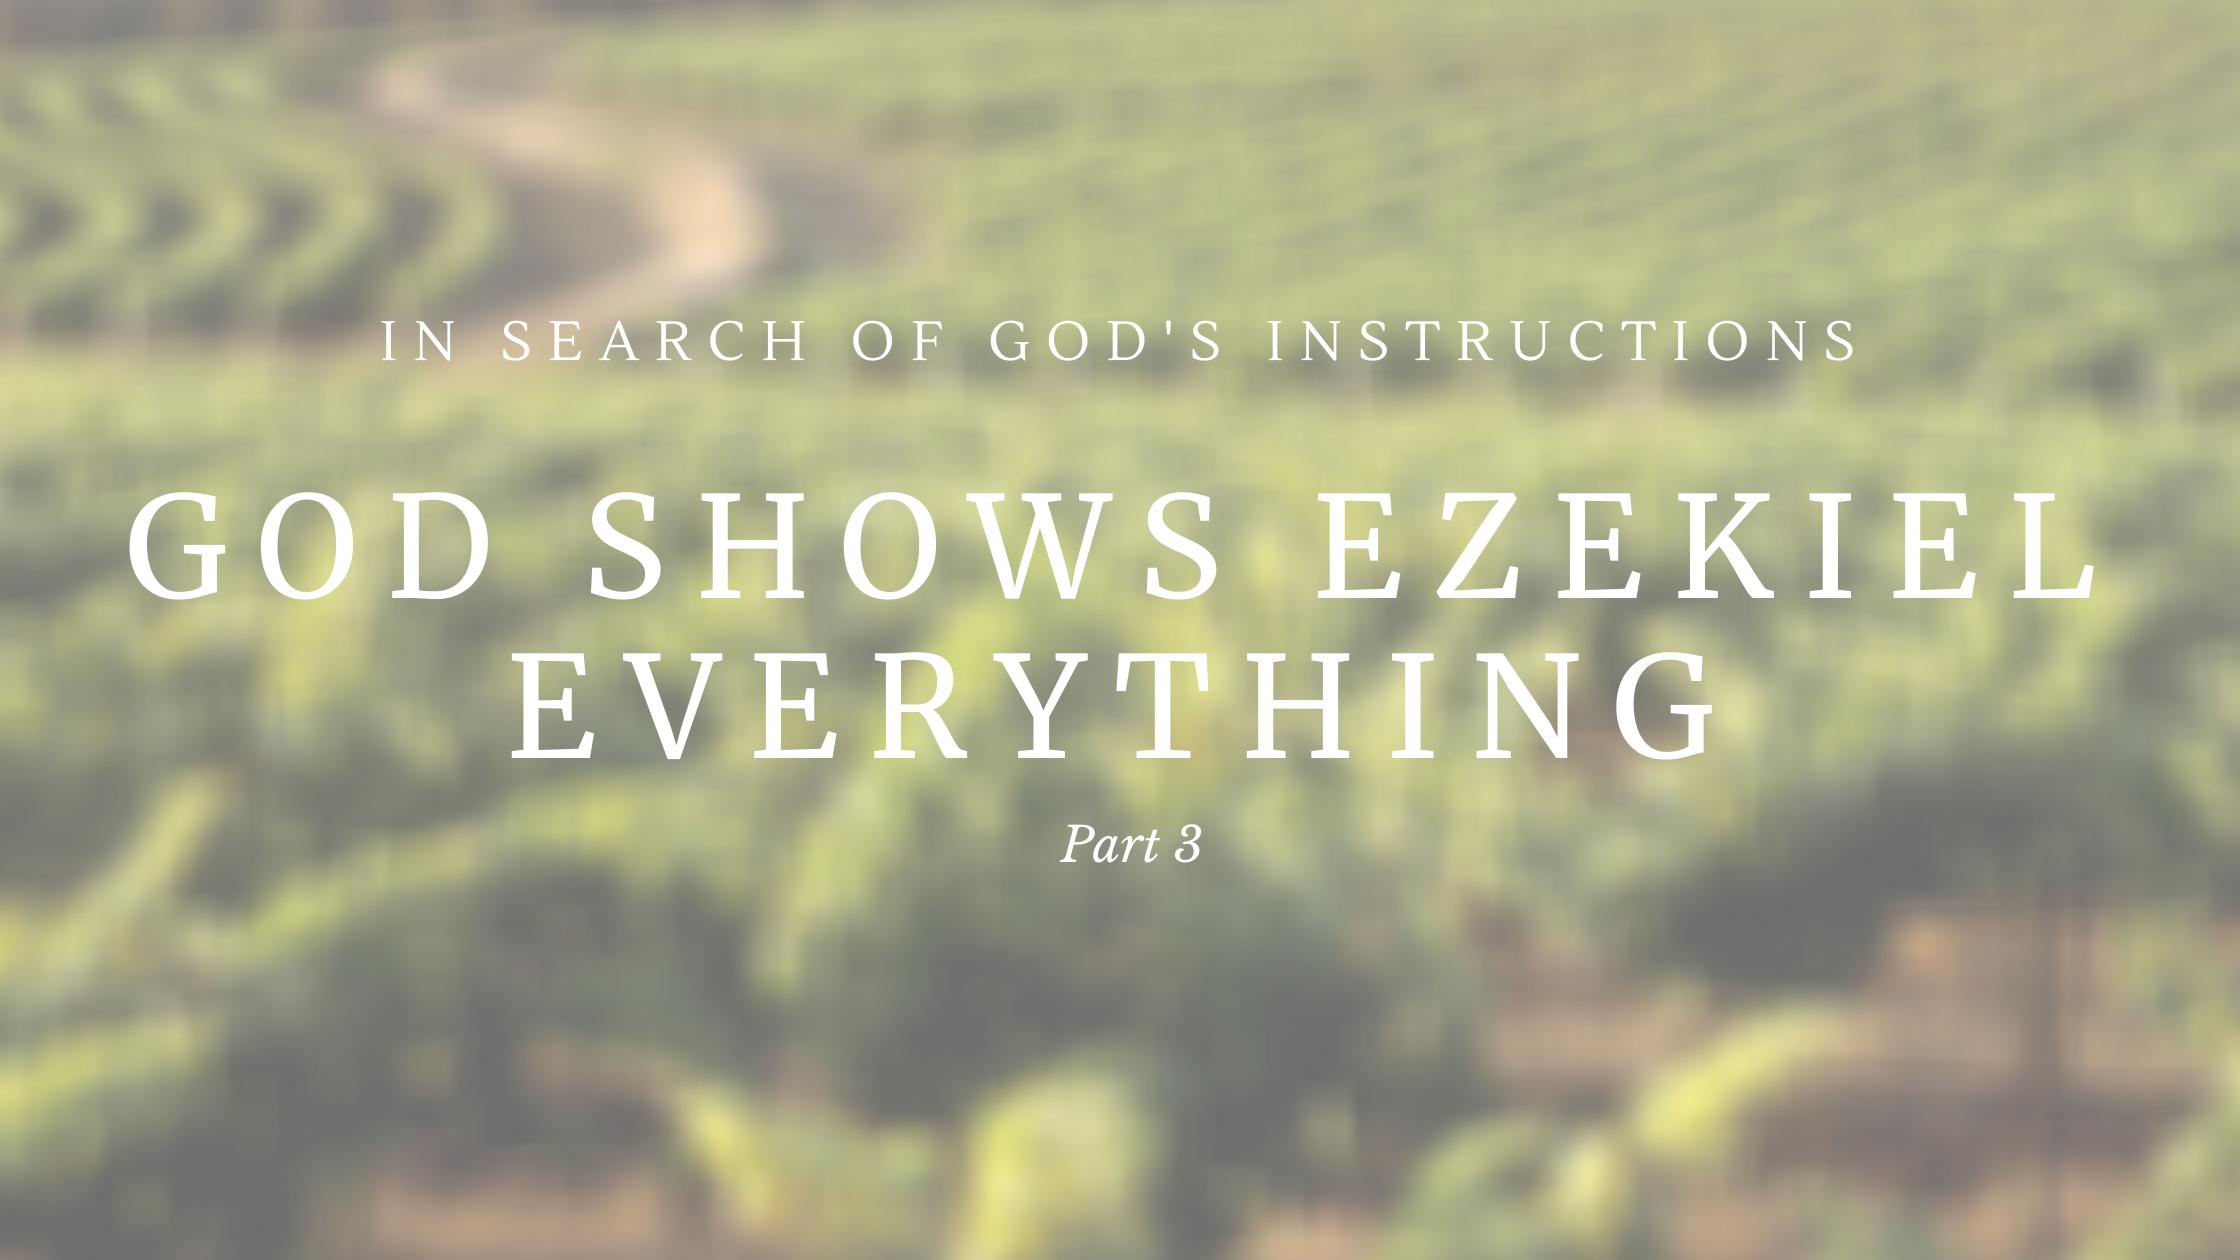 god-shows-ezekiel-everything-graphic-3